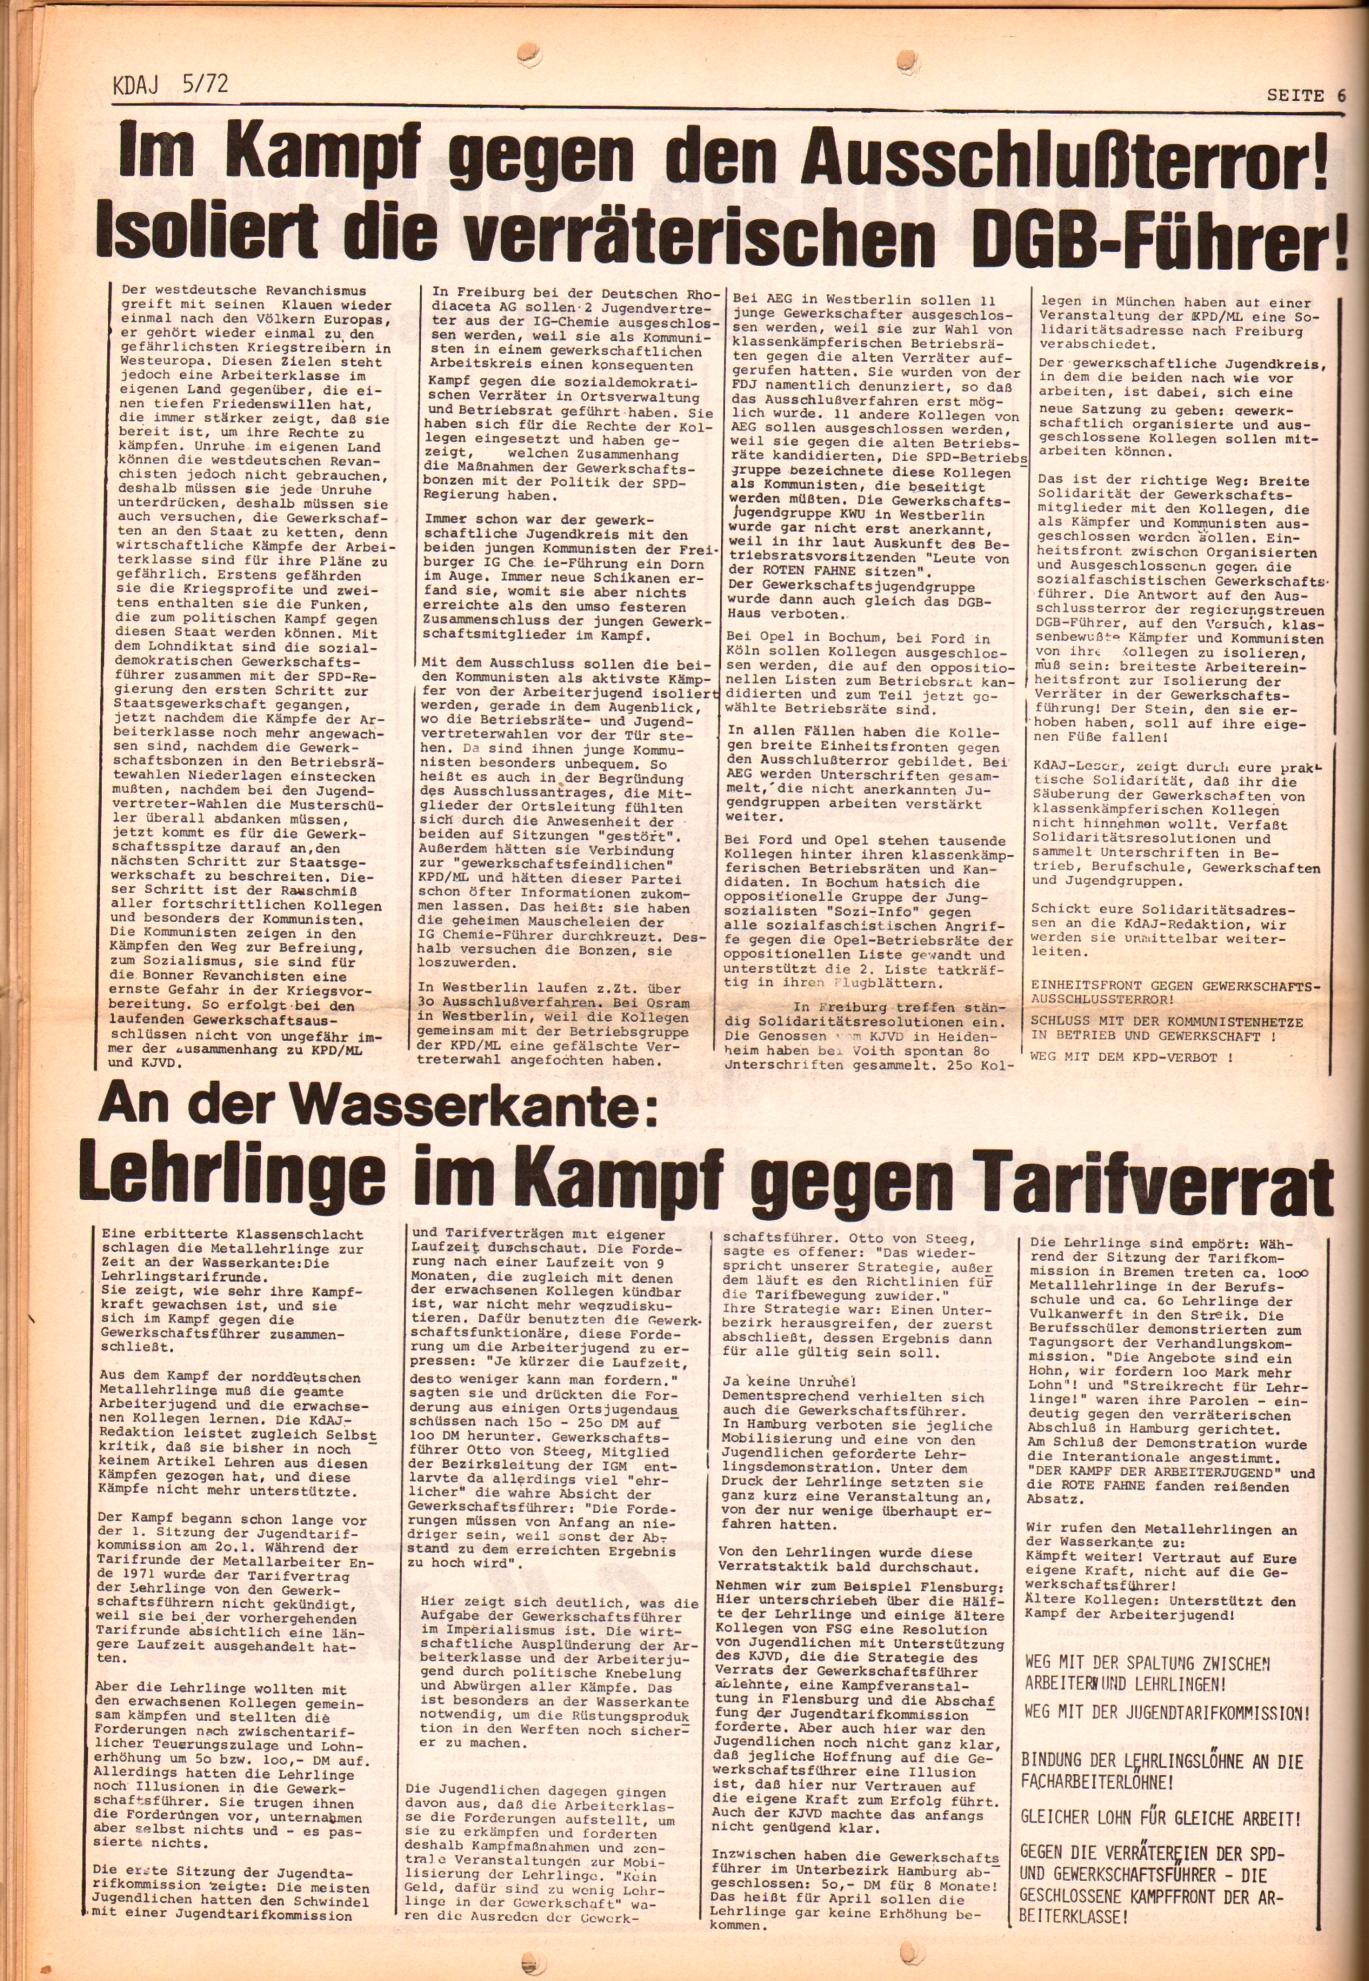 KJVD_KDAJ_1972_05_06